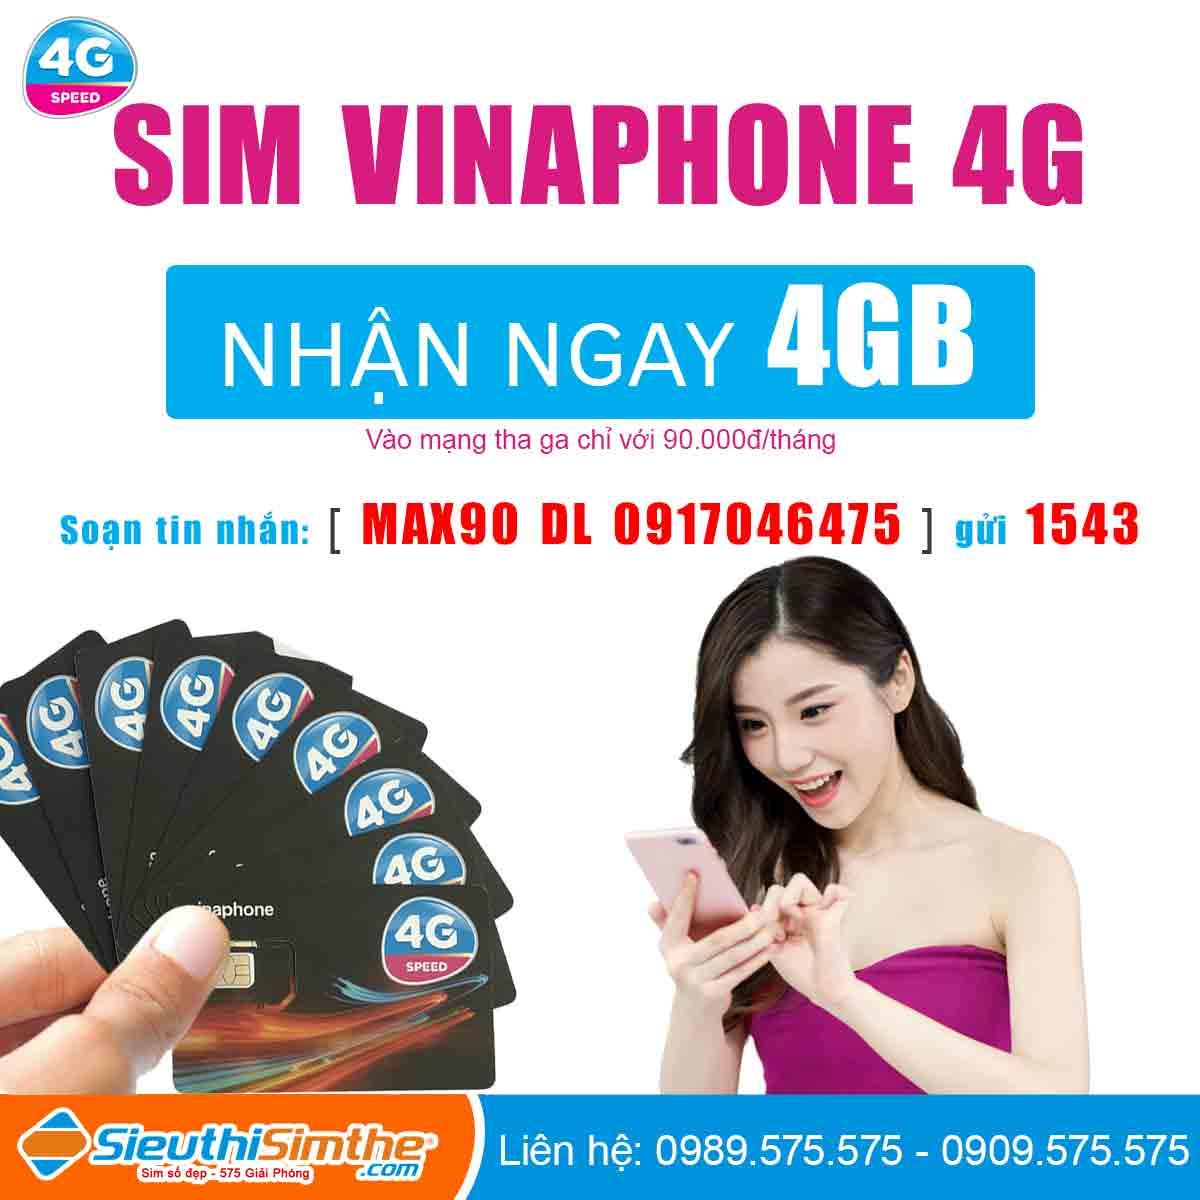 Sim 4G VinaPhone Miễn Phí 1 Năm Không Phải Trả Tiền